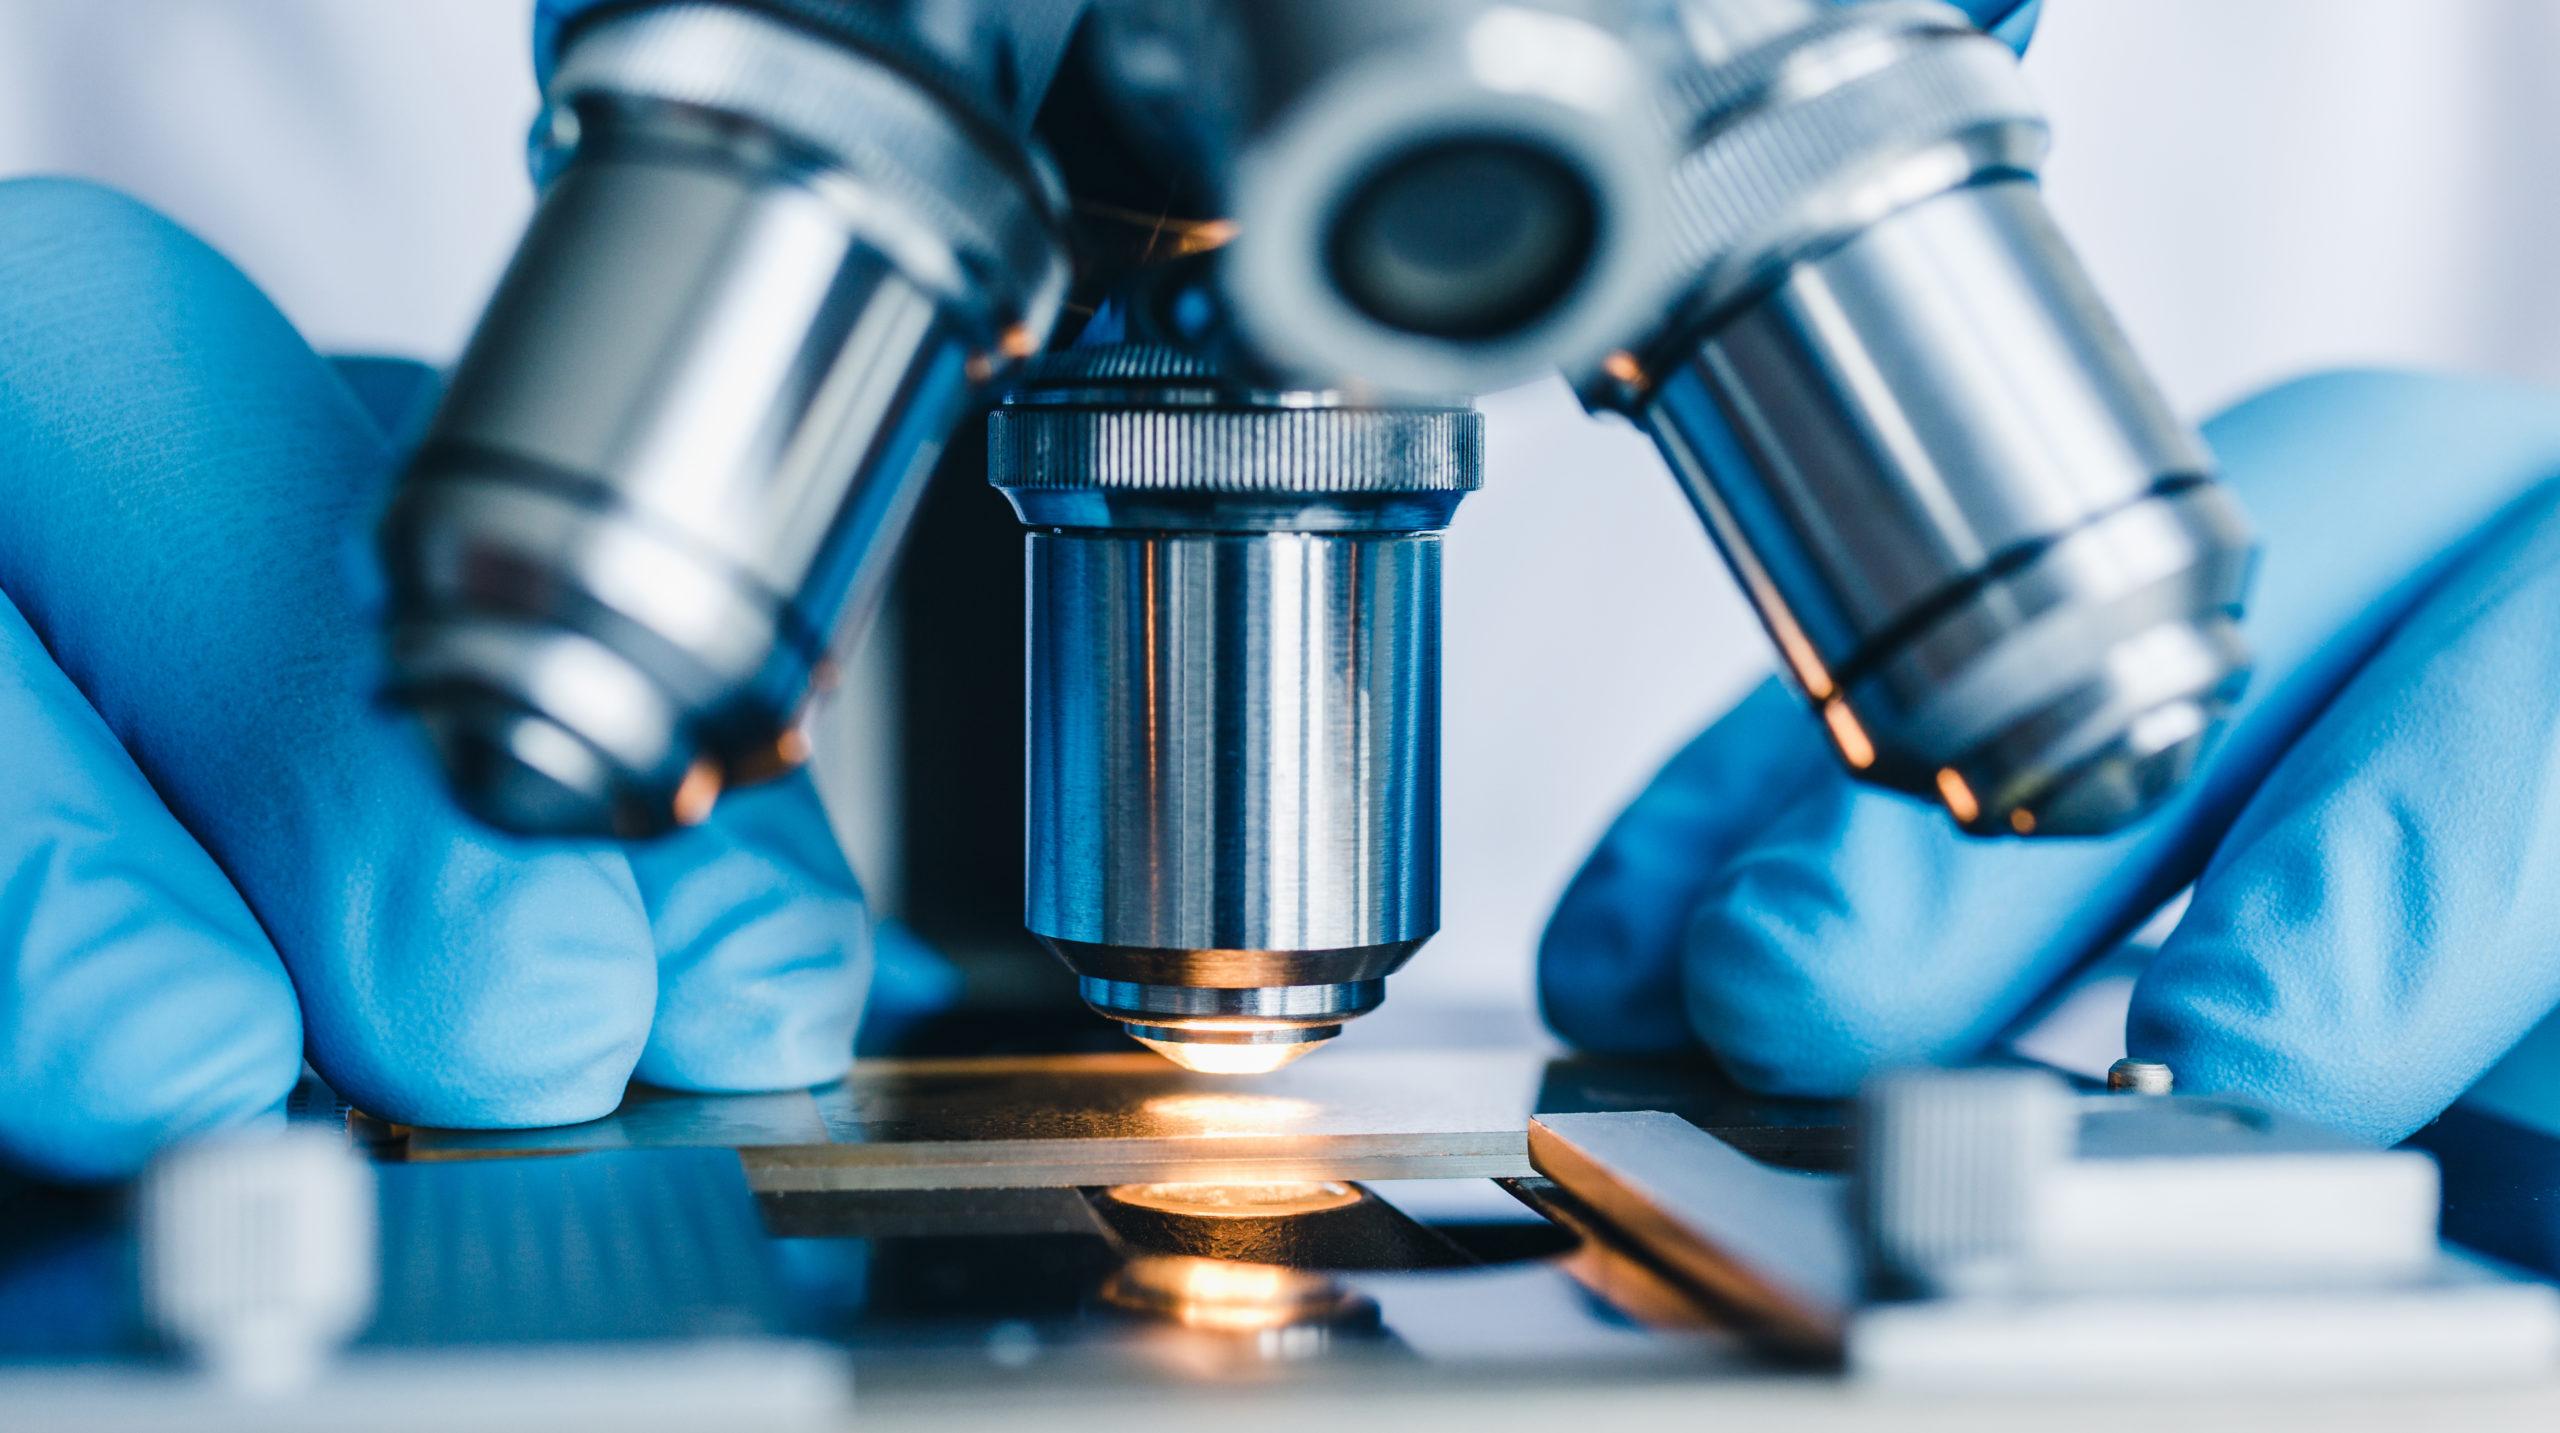 ASTM E2149-13a Testing Method